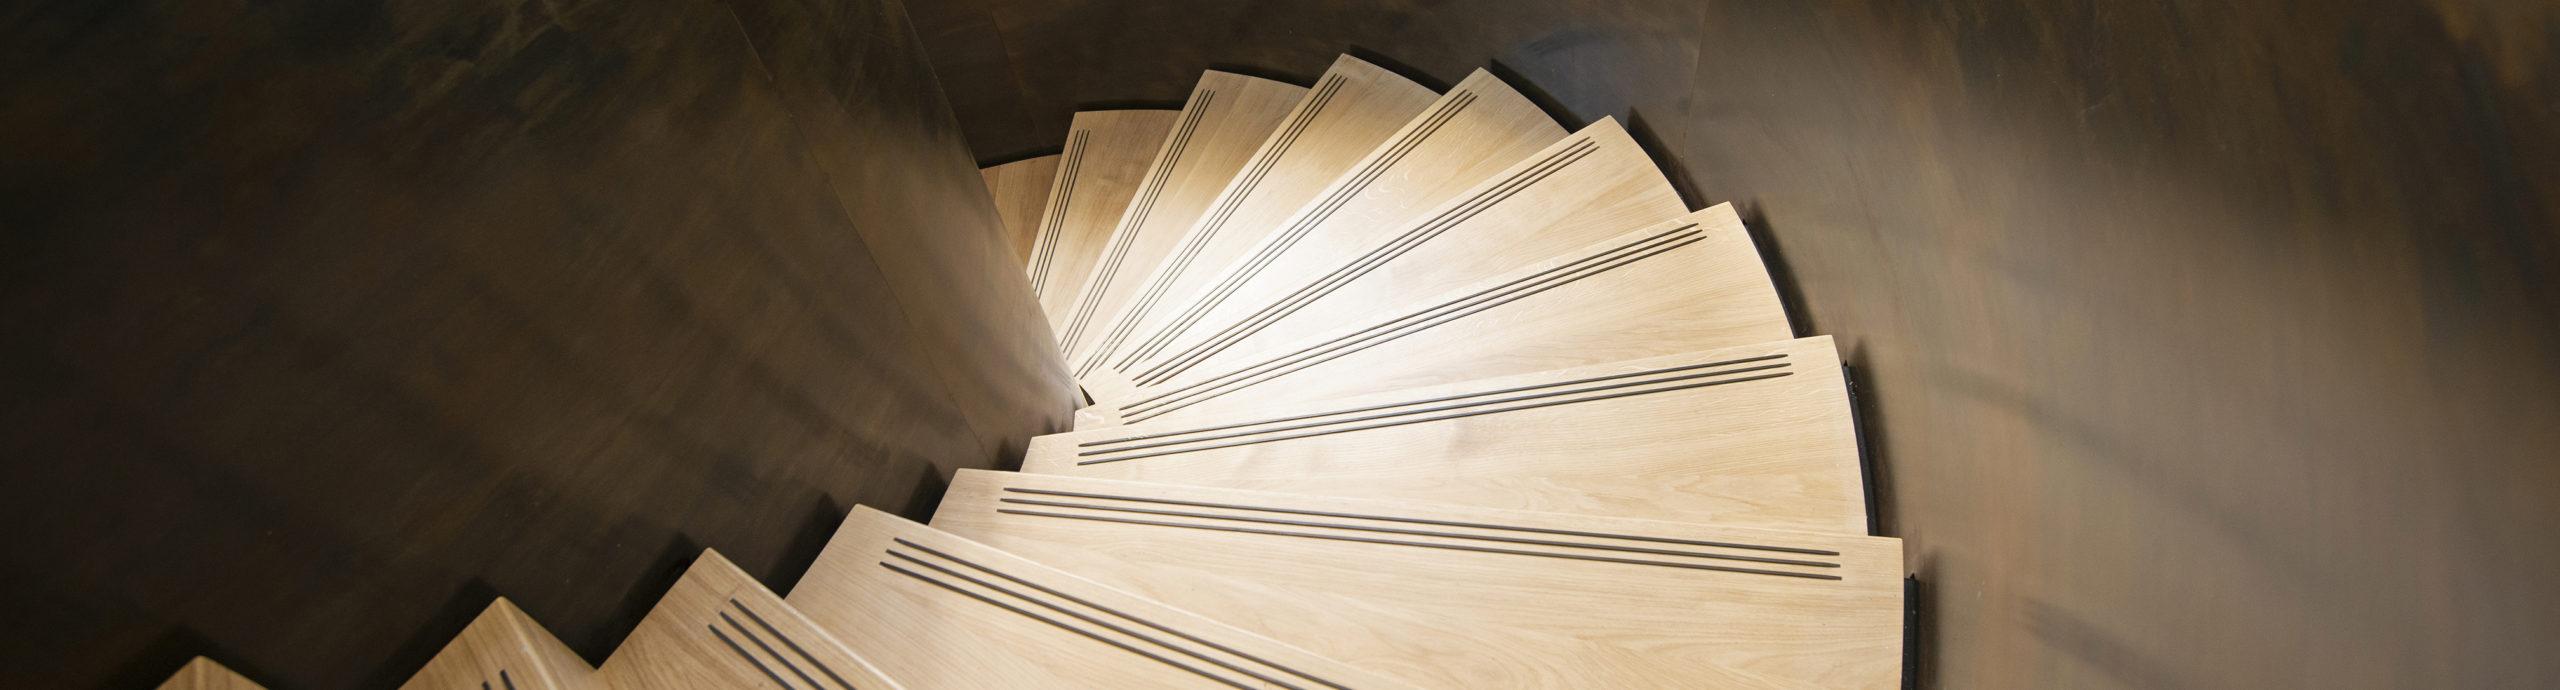 escalier balance acier et bois